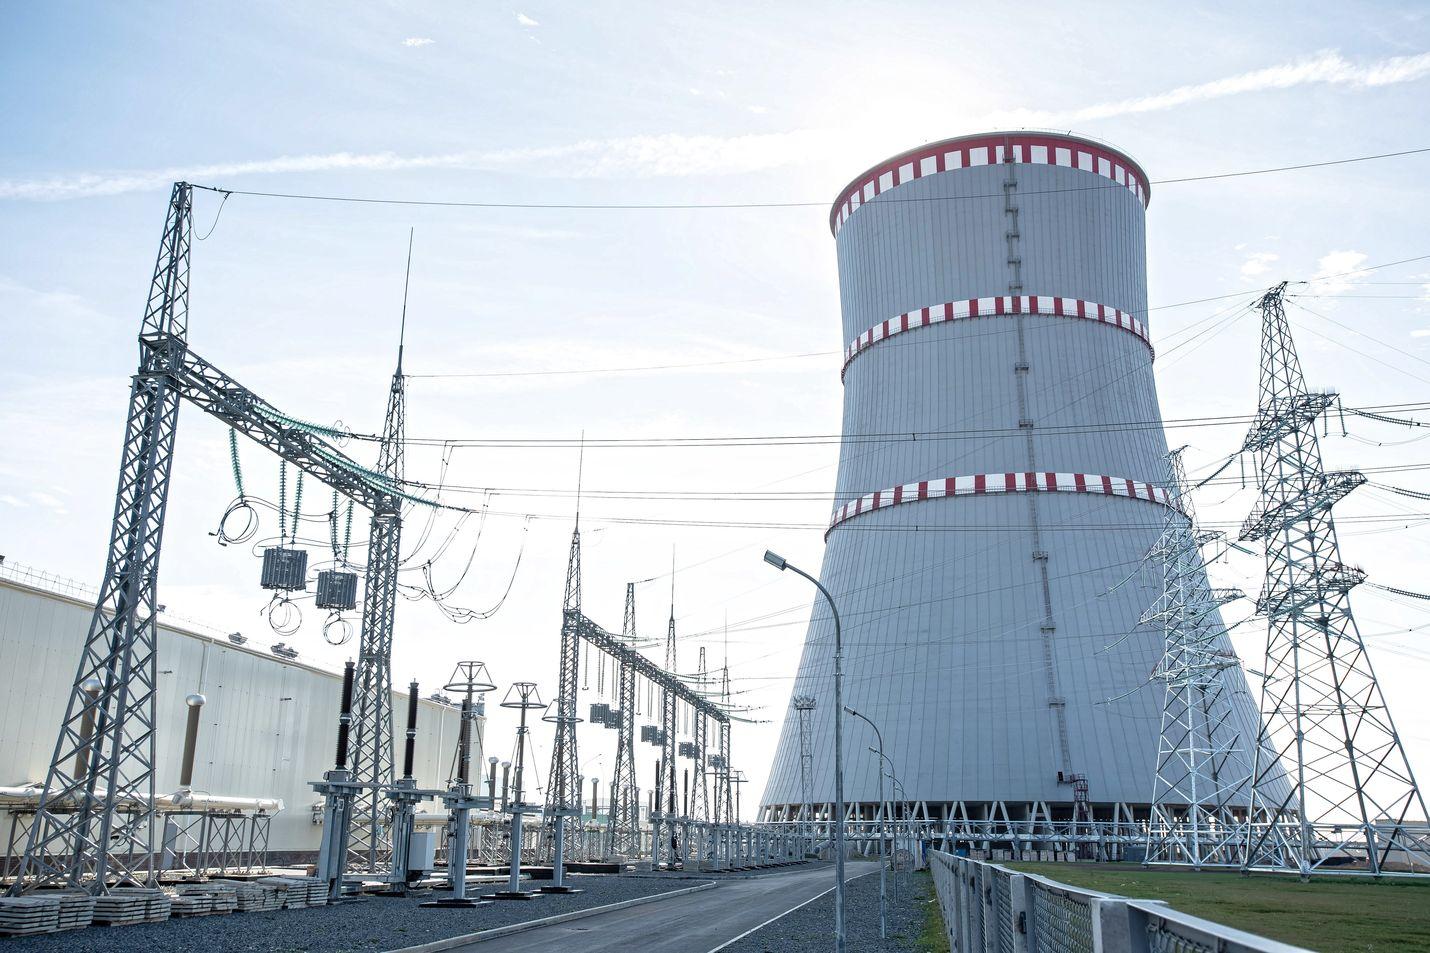 Suomen säteilyturvakeskuksen arvion mukaan havaitut radioaktiiviset aineet voivat olla peräisin normaalista ydinreaktorin käytöstä tai niiden huollosta.